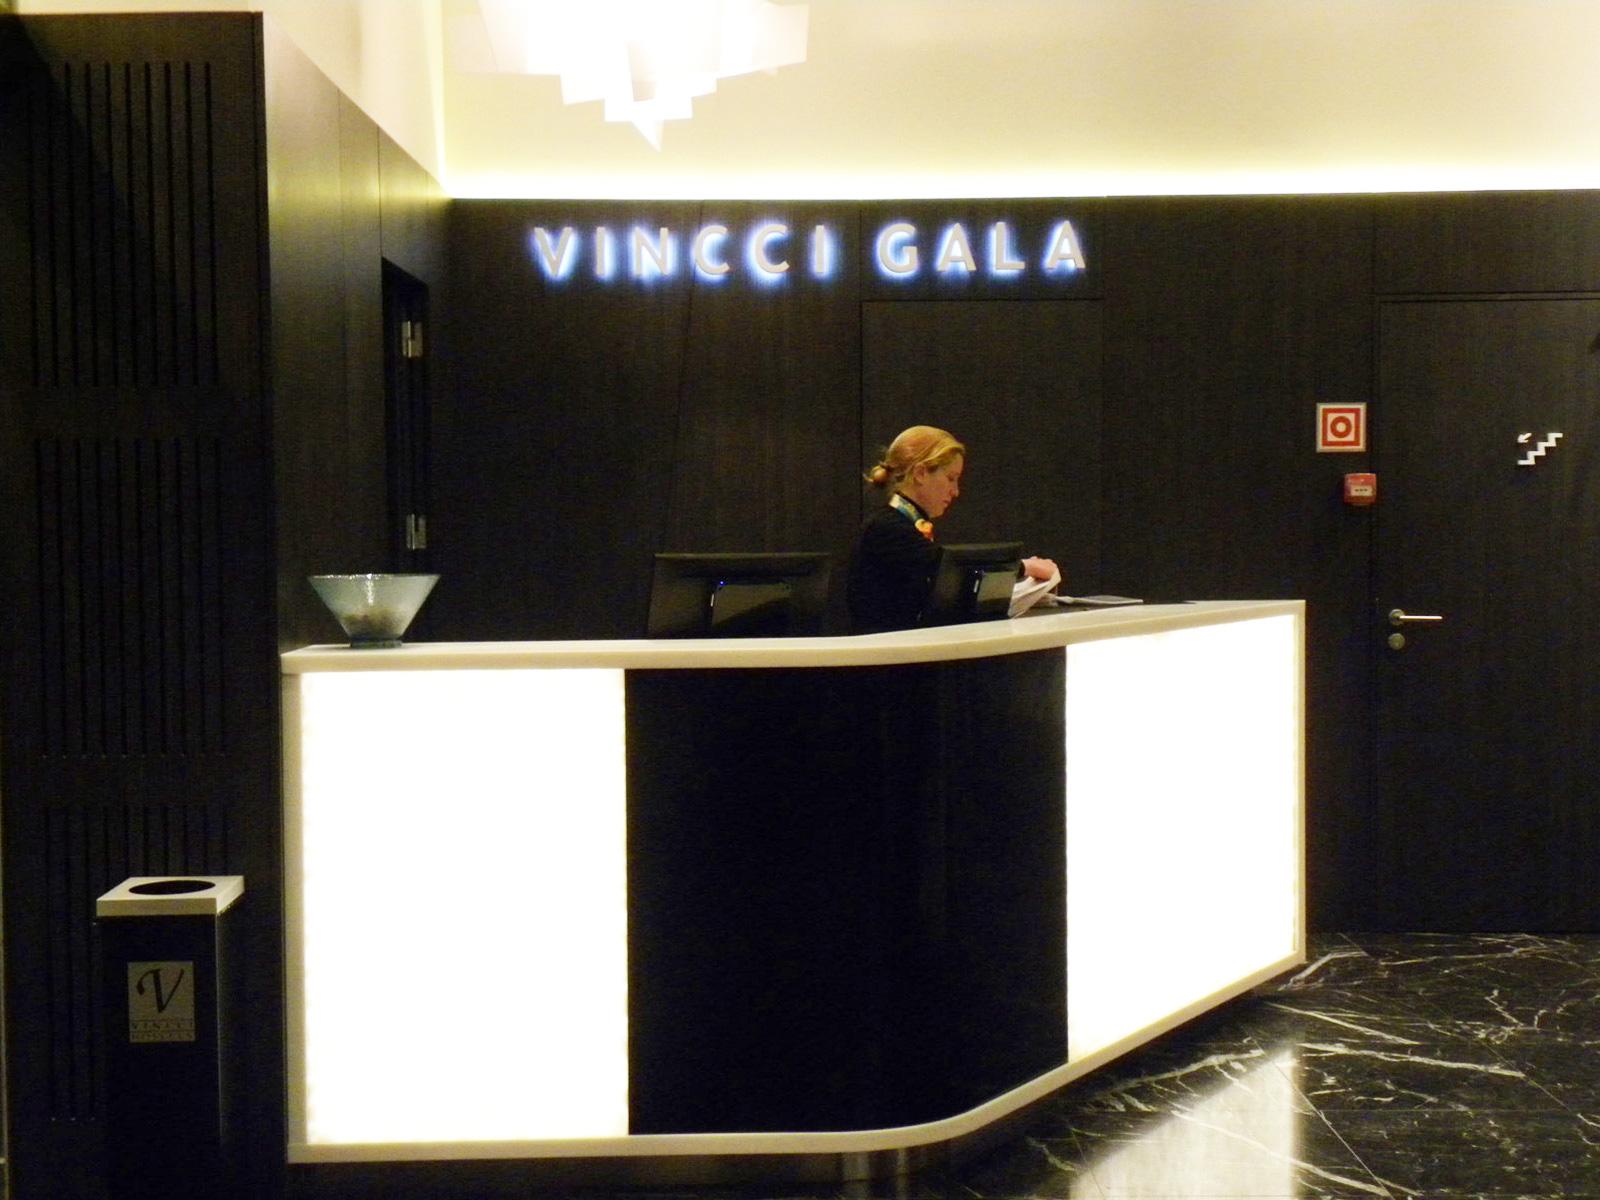 Réception - Vincci Gala 4